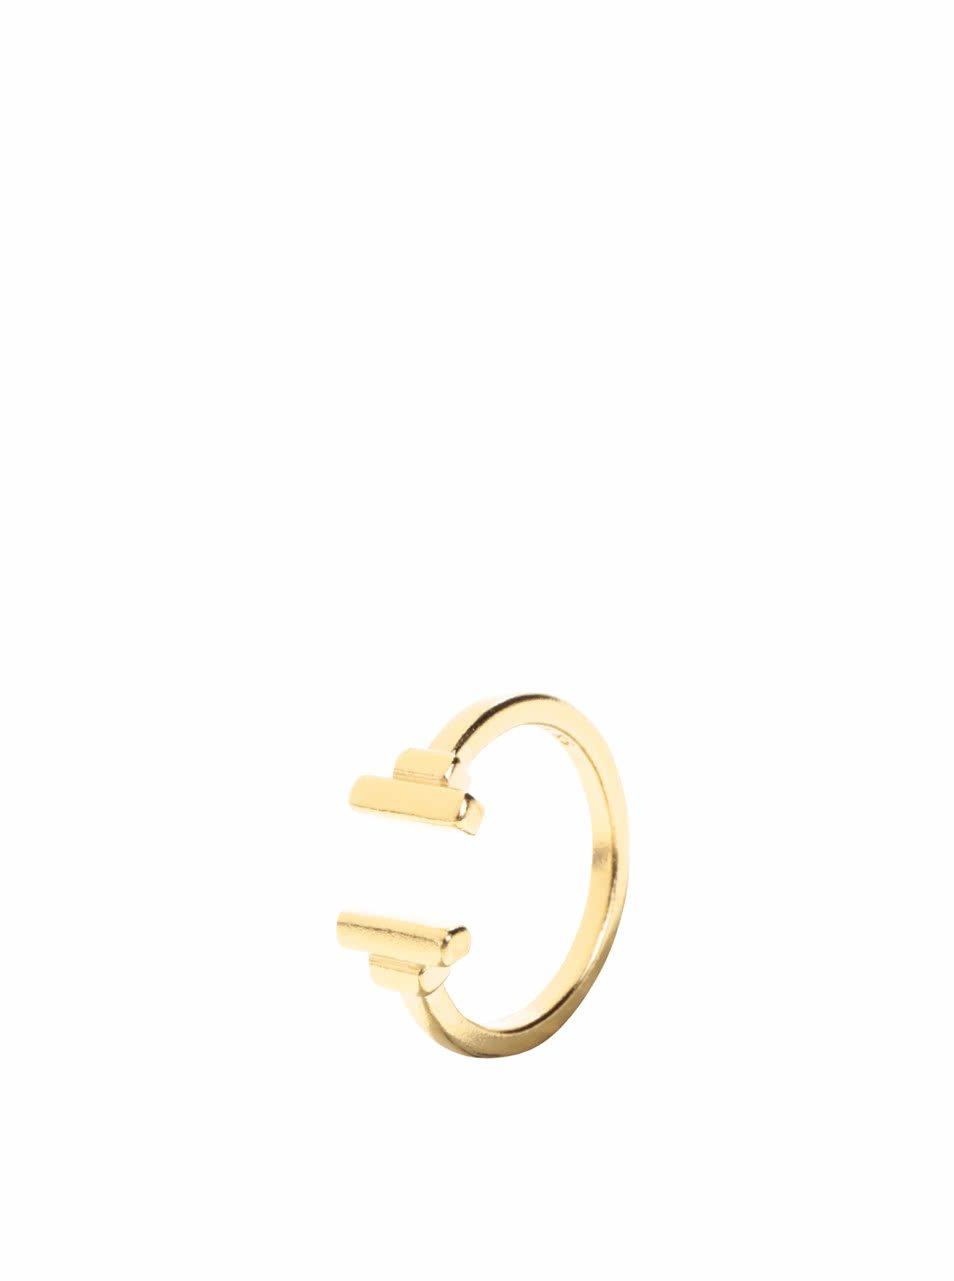 Zlatý prstýnek 22 karátů Pieces Jane